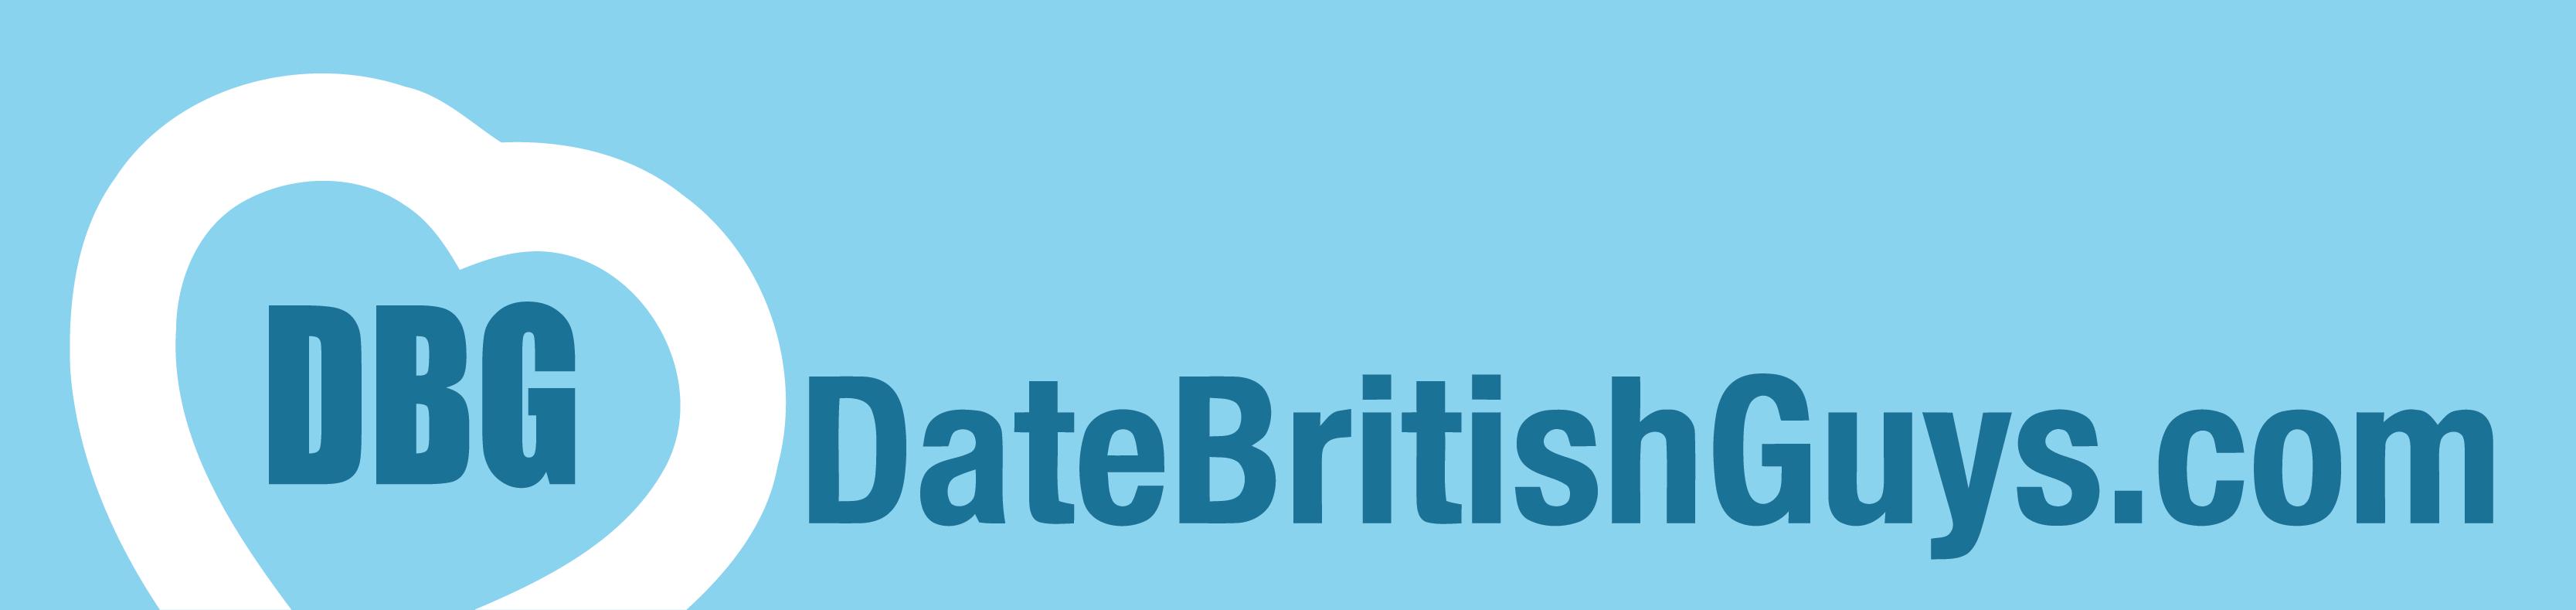 date british guys logo